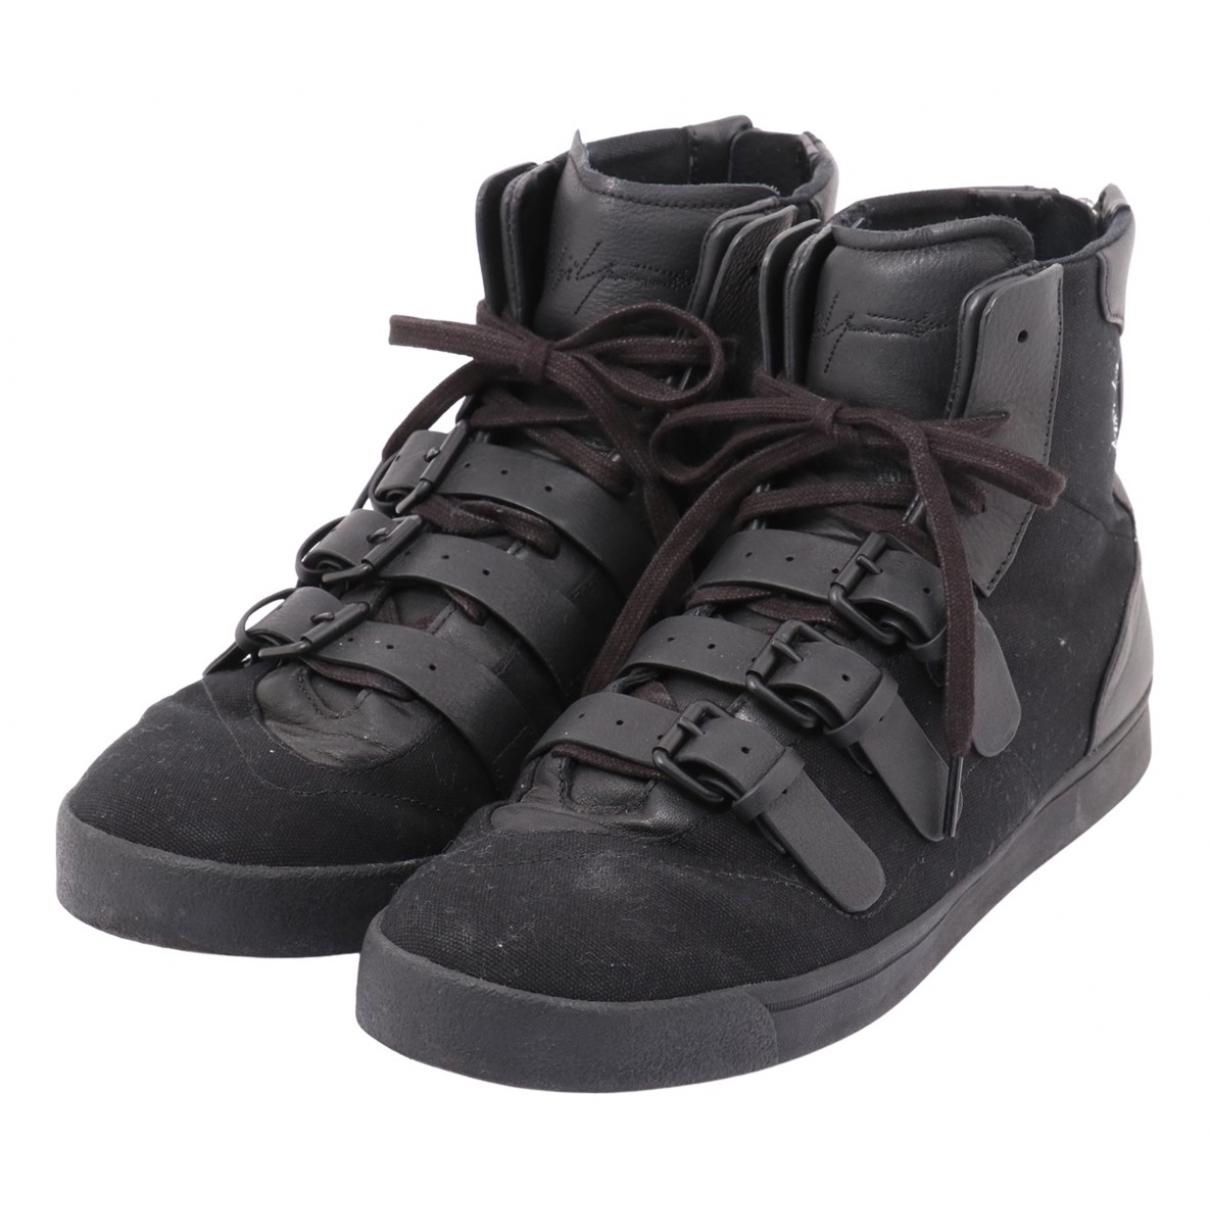 Yohji Yamamoto - Baskets   pour homme en toile - noir